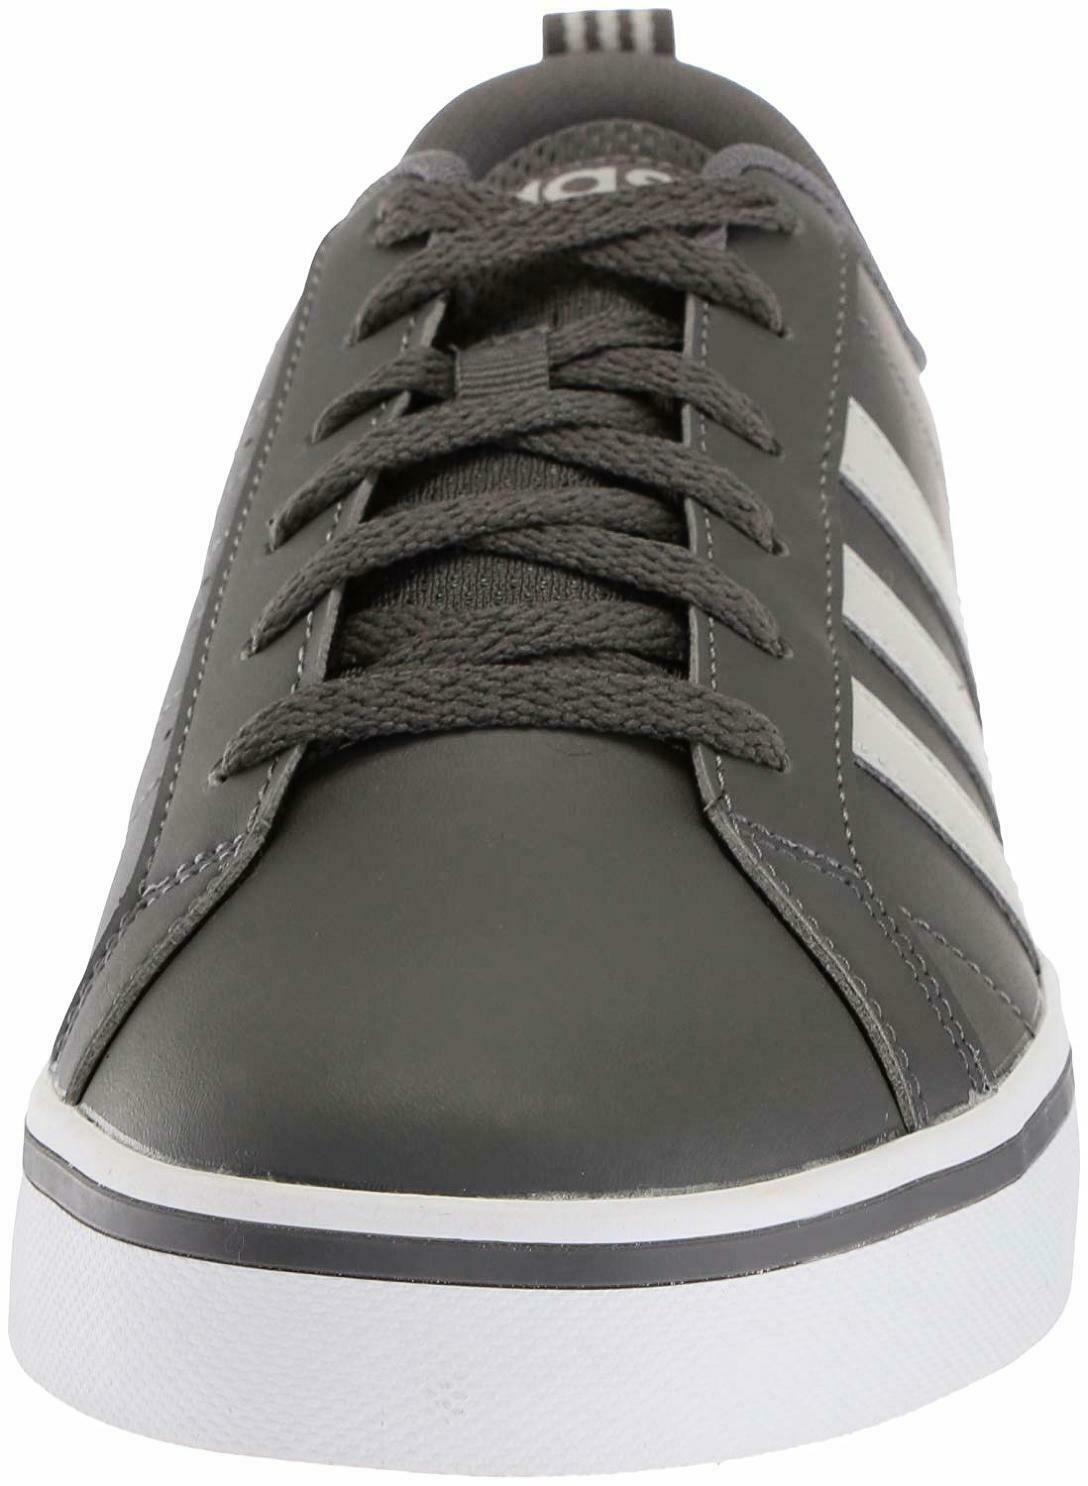 promo code 1ddc9 ca25b adidas Originals Mens Vs Pace Sneaker - Choose SZColor